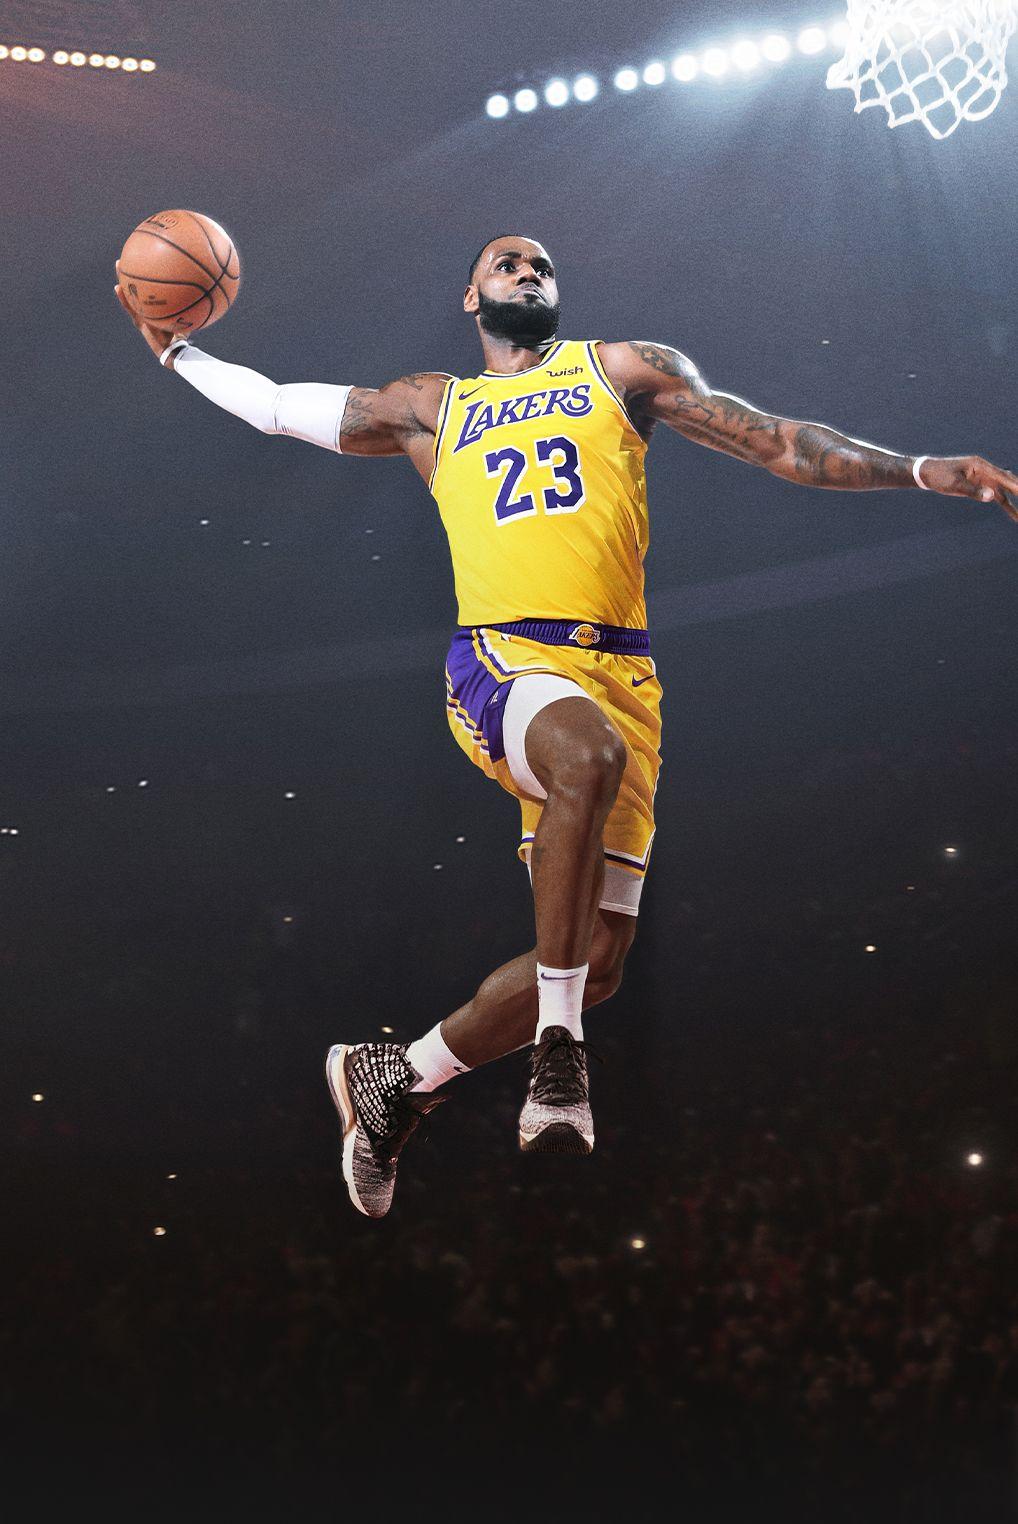 Uomo Basket Scarpe. Nike IT